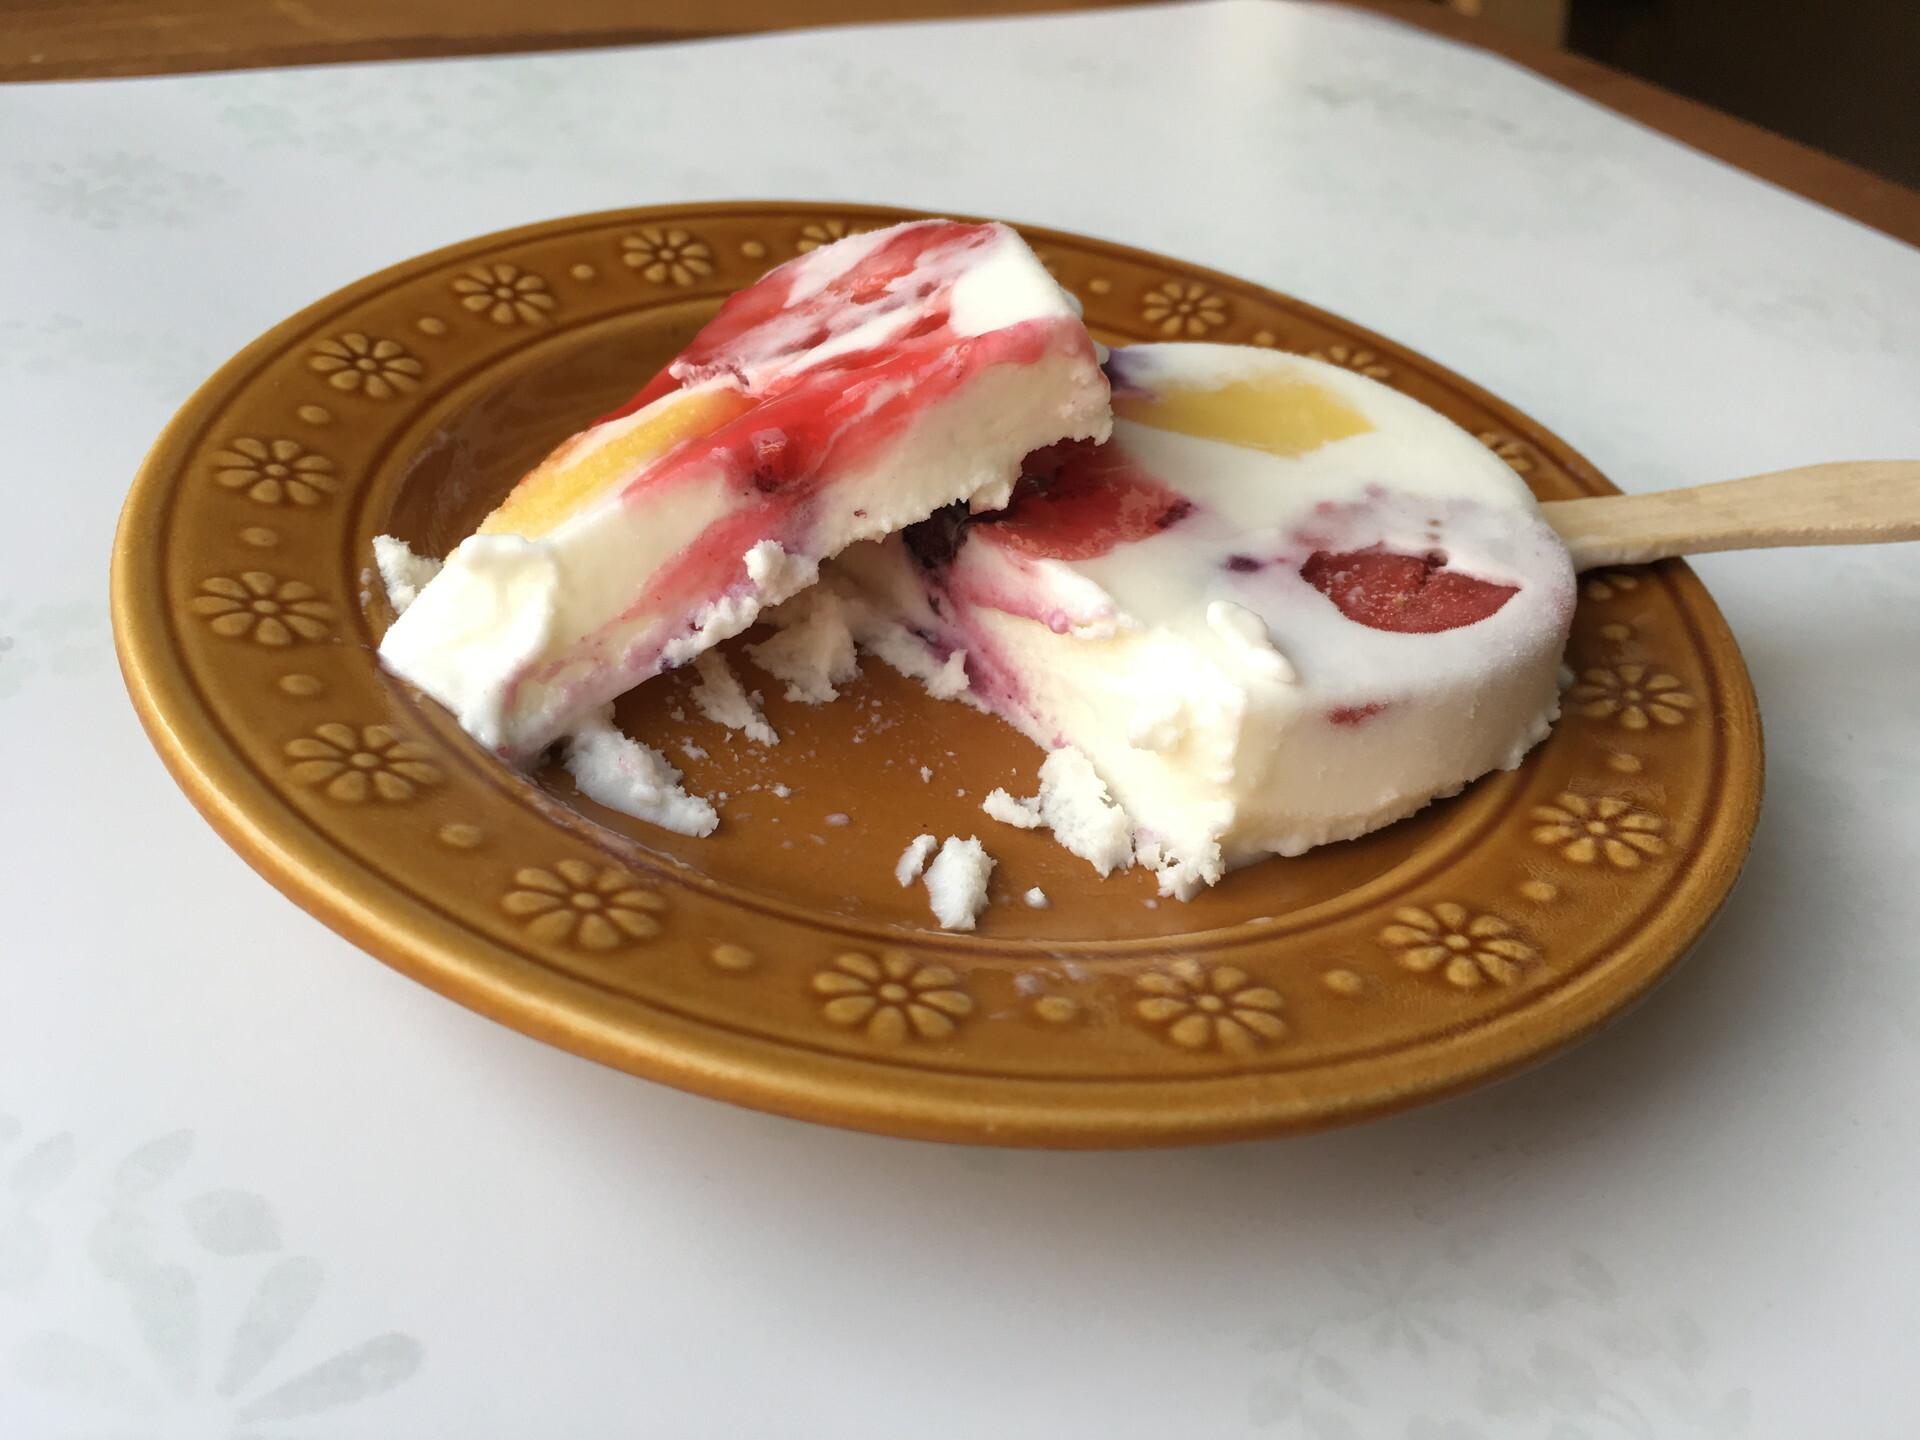 【ミニストップ】パインベリーチーズアイスクリーム